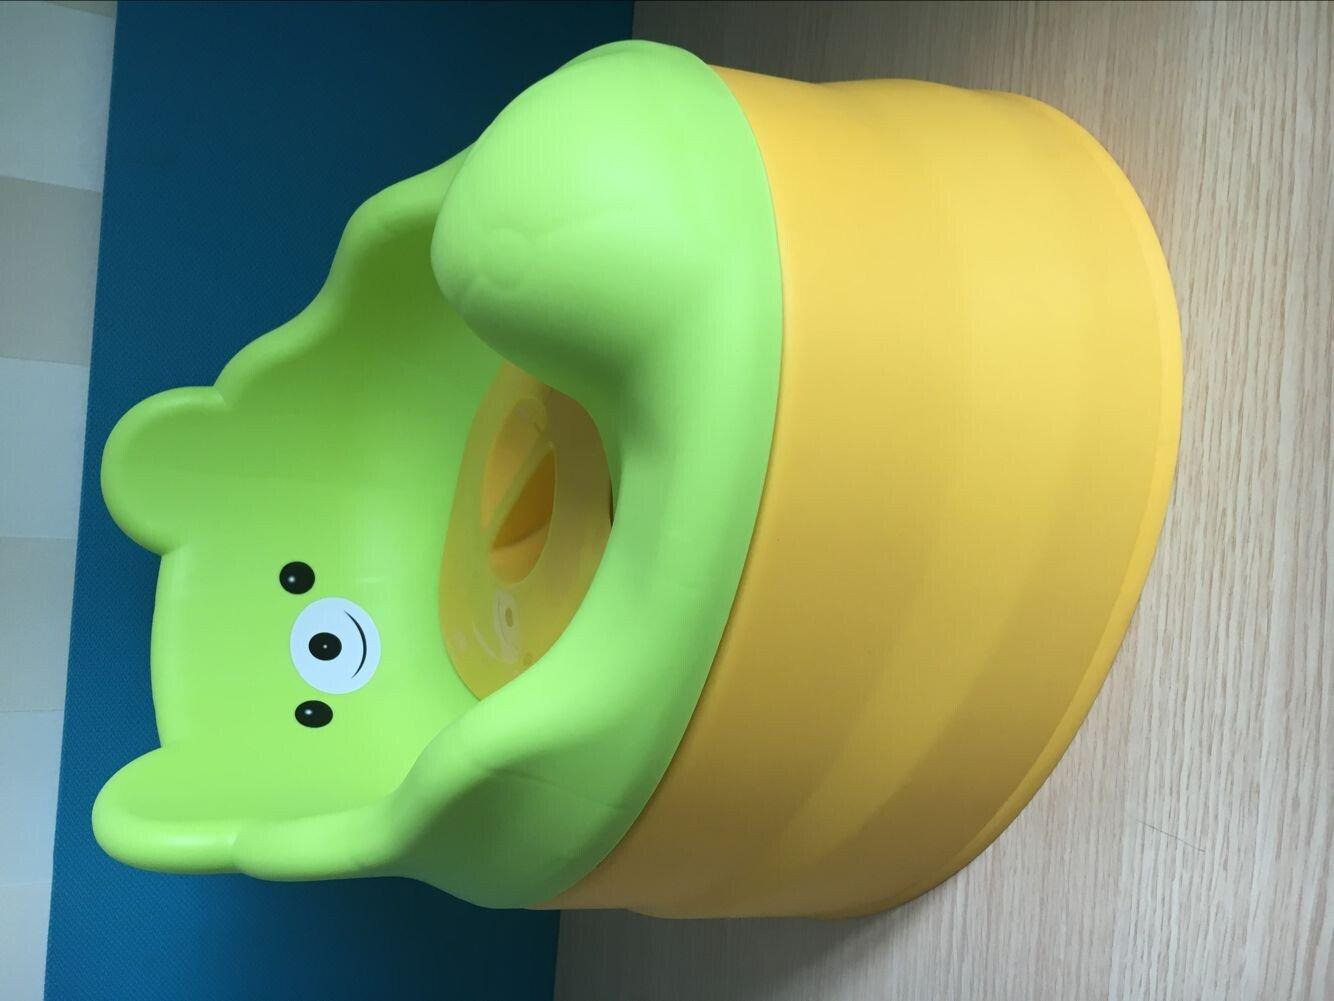 T/öpfchentrainingssitz f/ür Jungen und M/ädchen Reise T/öpfchen Abnehmbar Langlebig Baby Kleinkind Freundliches Urinal 3 in 1 Design Tragbare Baby Toilette Orange /& Gelb